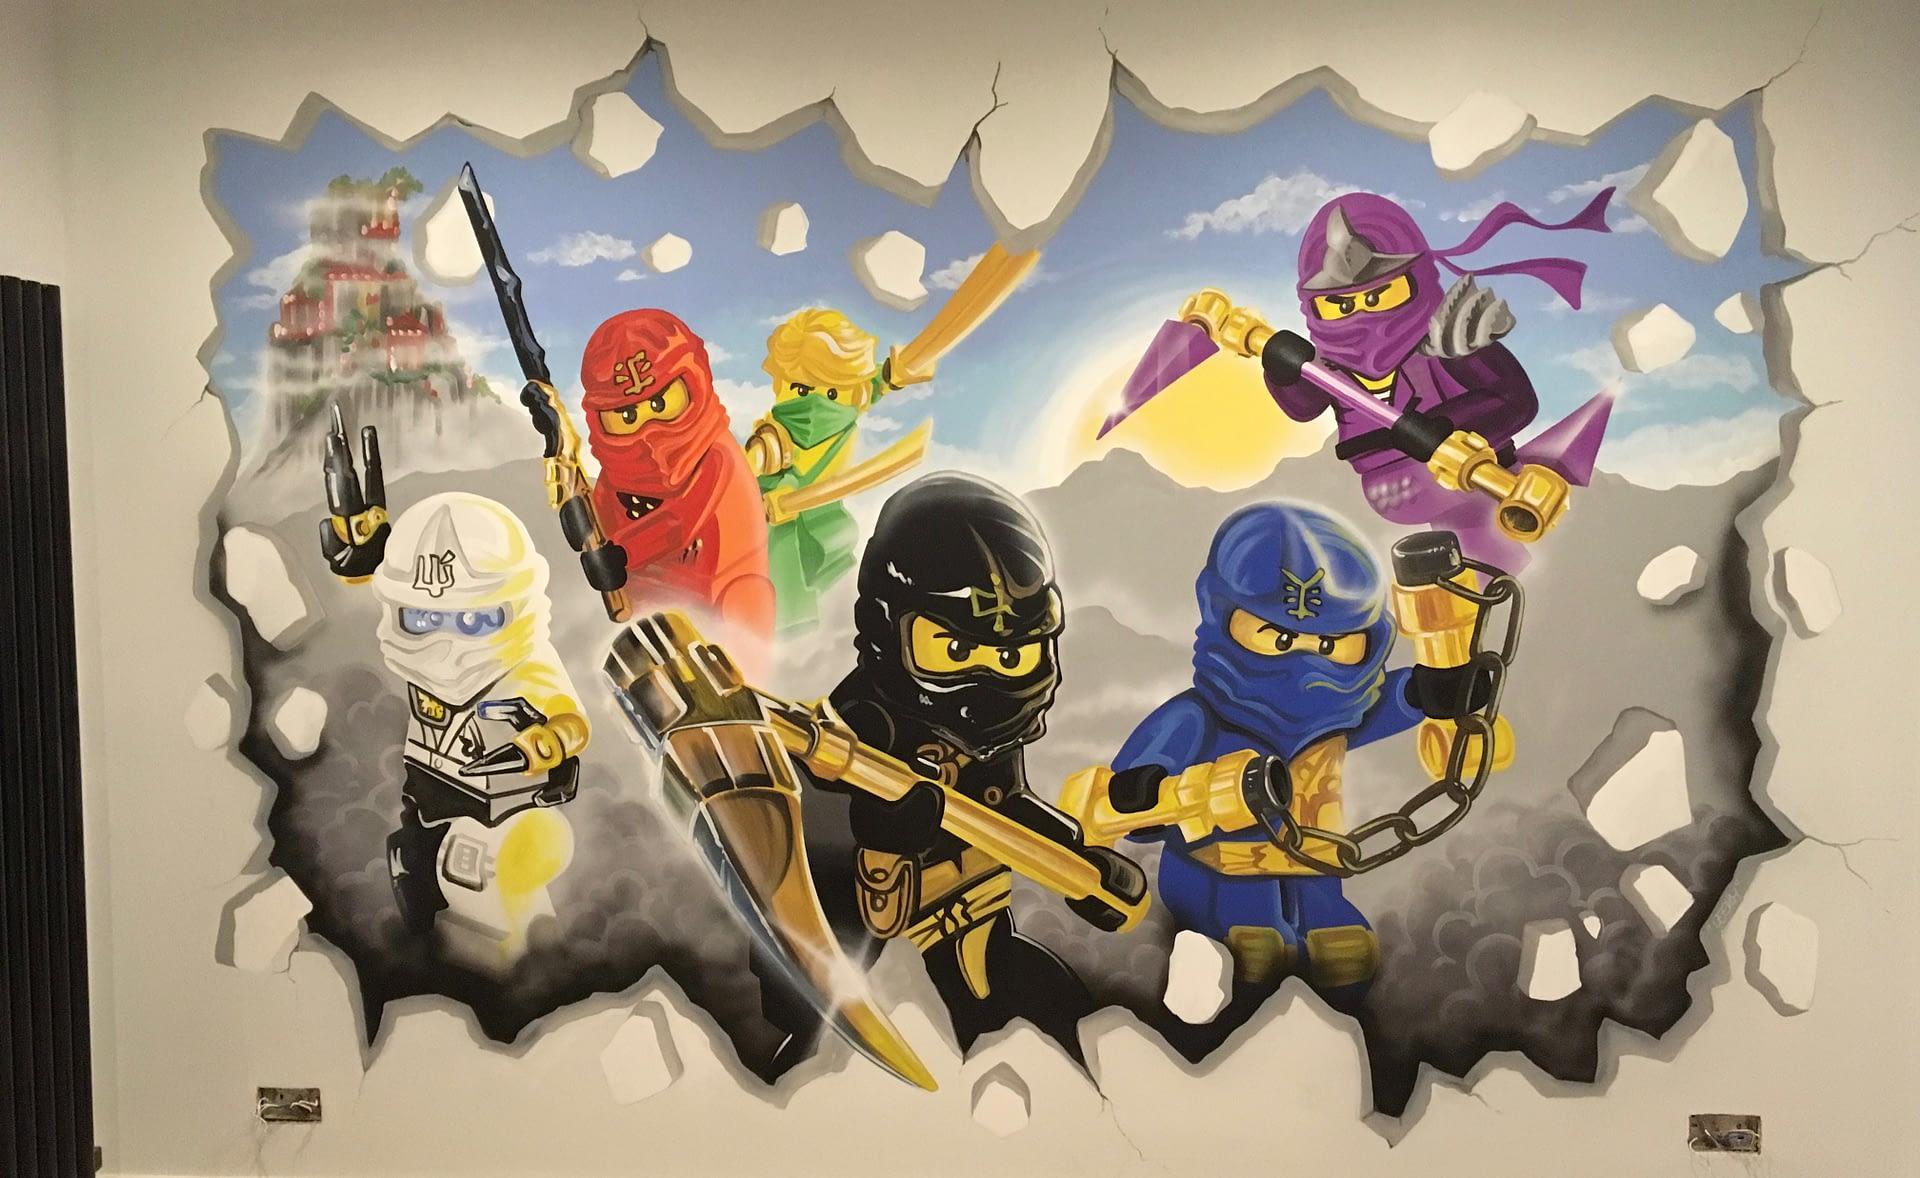 Lego Ninjago Mural